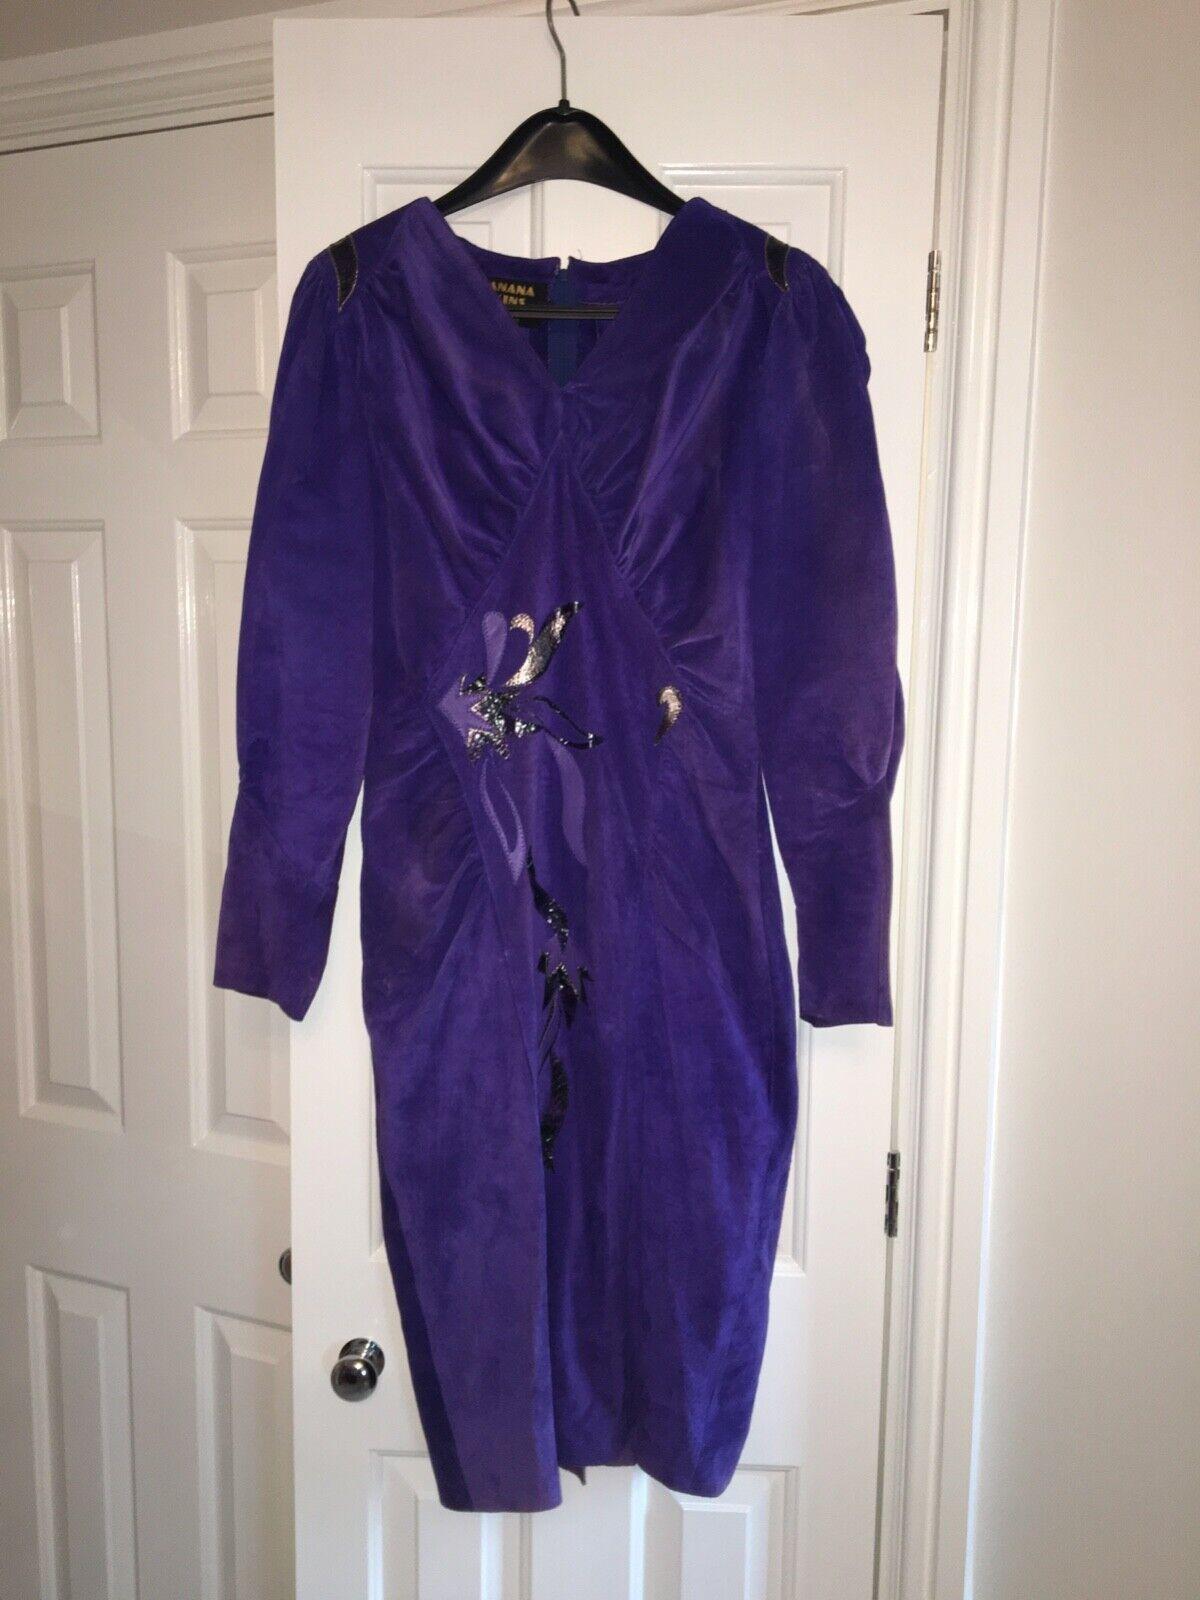 Banana Skins vintage designer royal Blau suede dress with leather applique